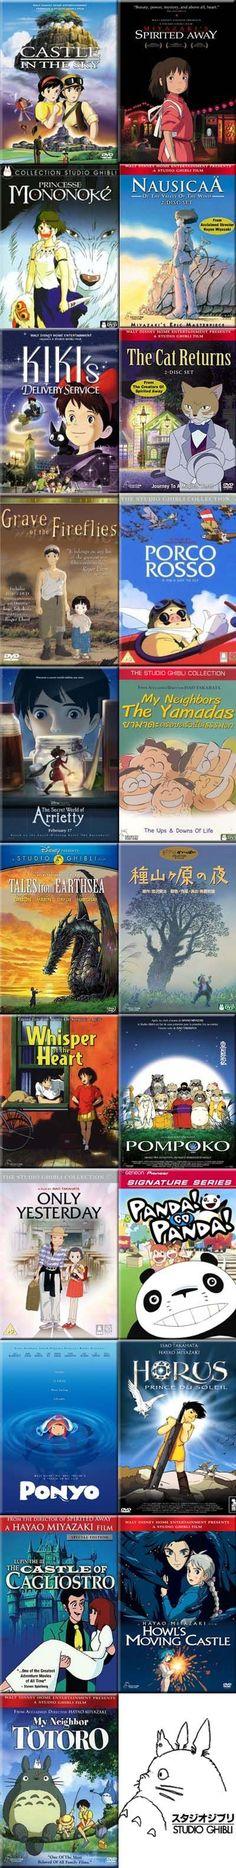 Danh sách dài những bộ phim của Ghibli Studio: Có thể ta chưa xem hết.  21 bộ phim đáng xem của Ghibli  @Facebook: Blog hình ảnh Ghibli đẹp